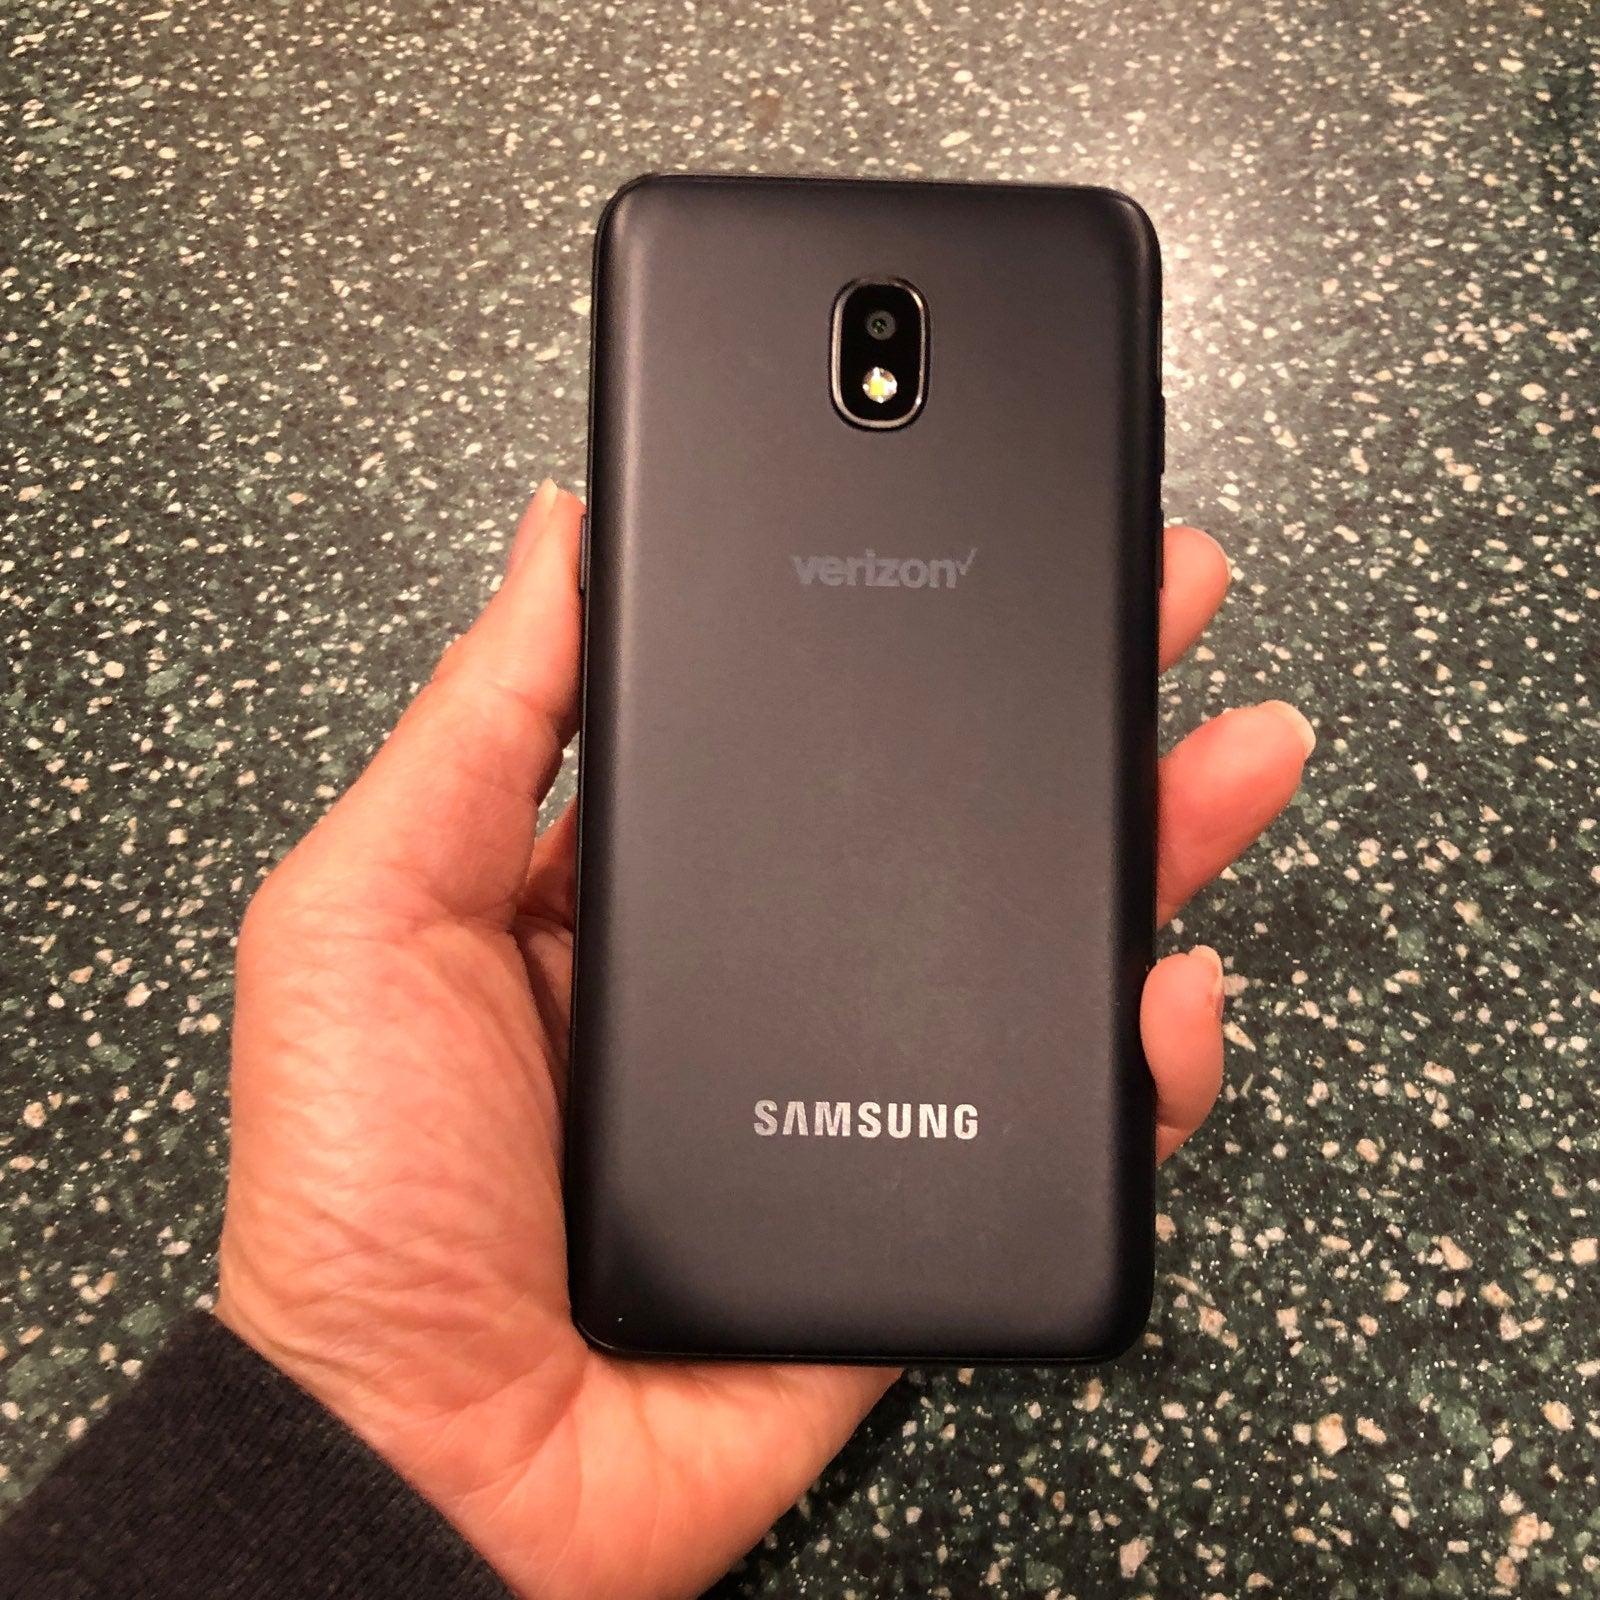 Samsung Galaxy J3V